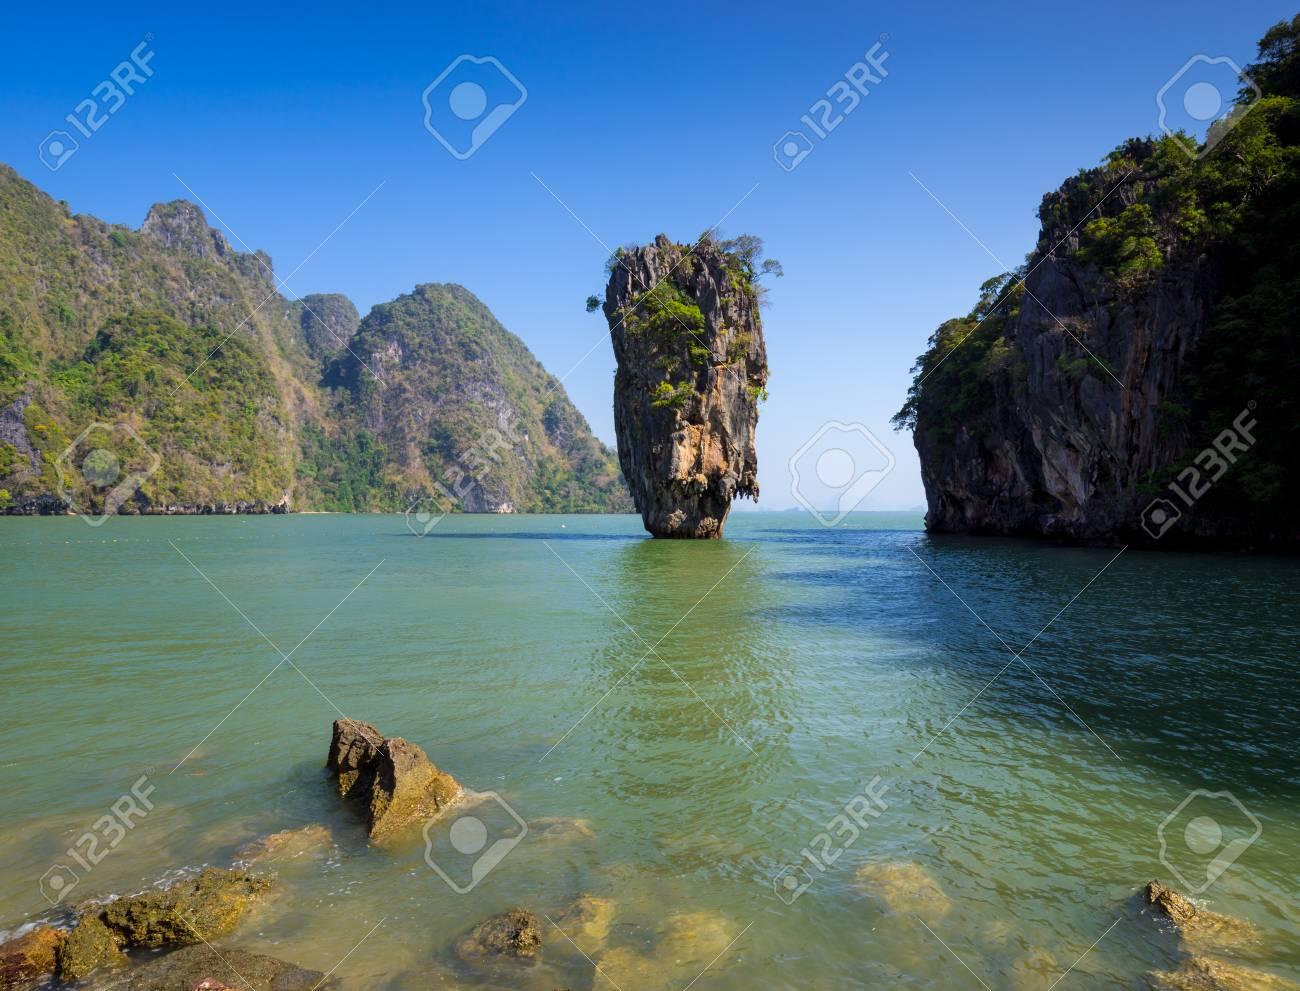 Khao Tapu Or James Bond Island Phang Nga Bay Thailand